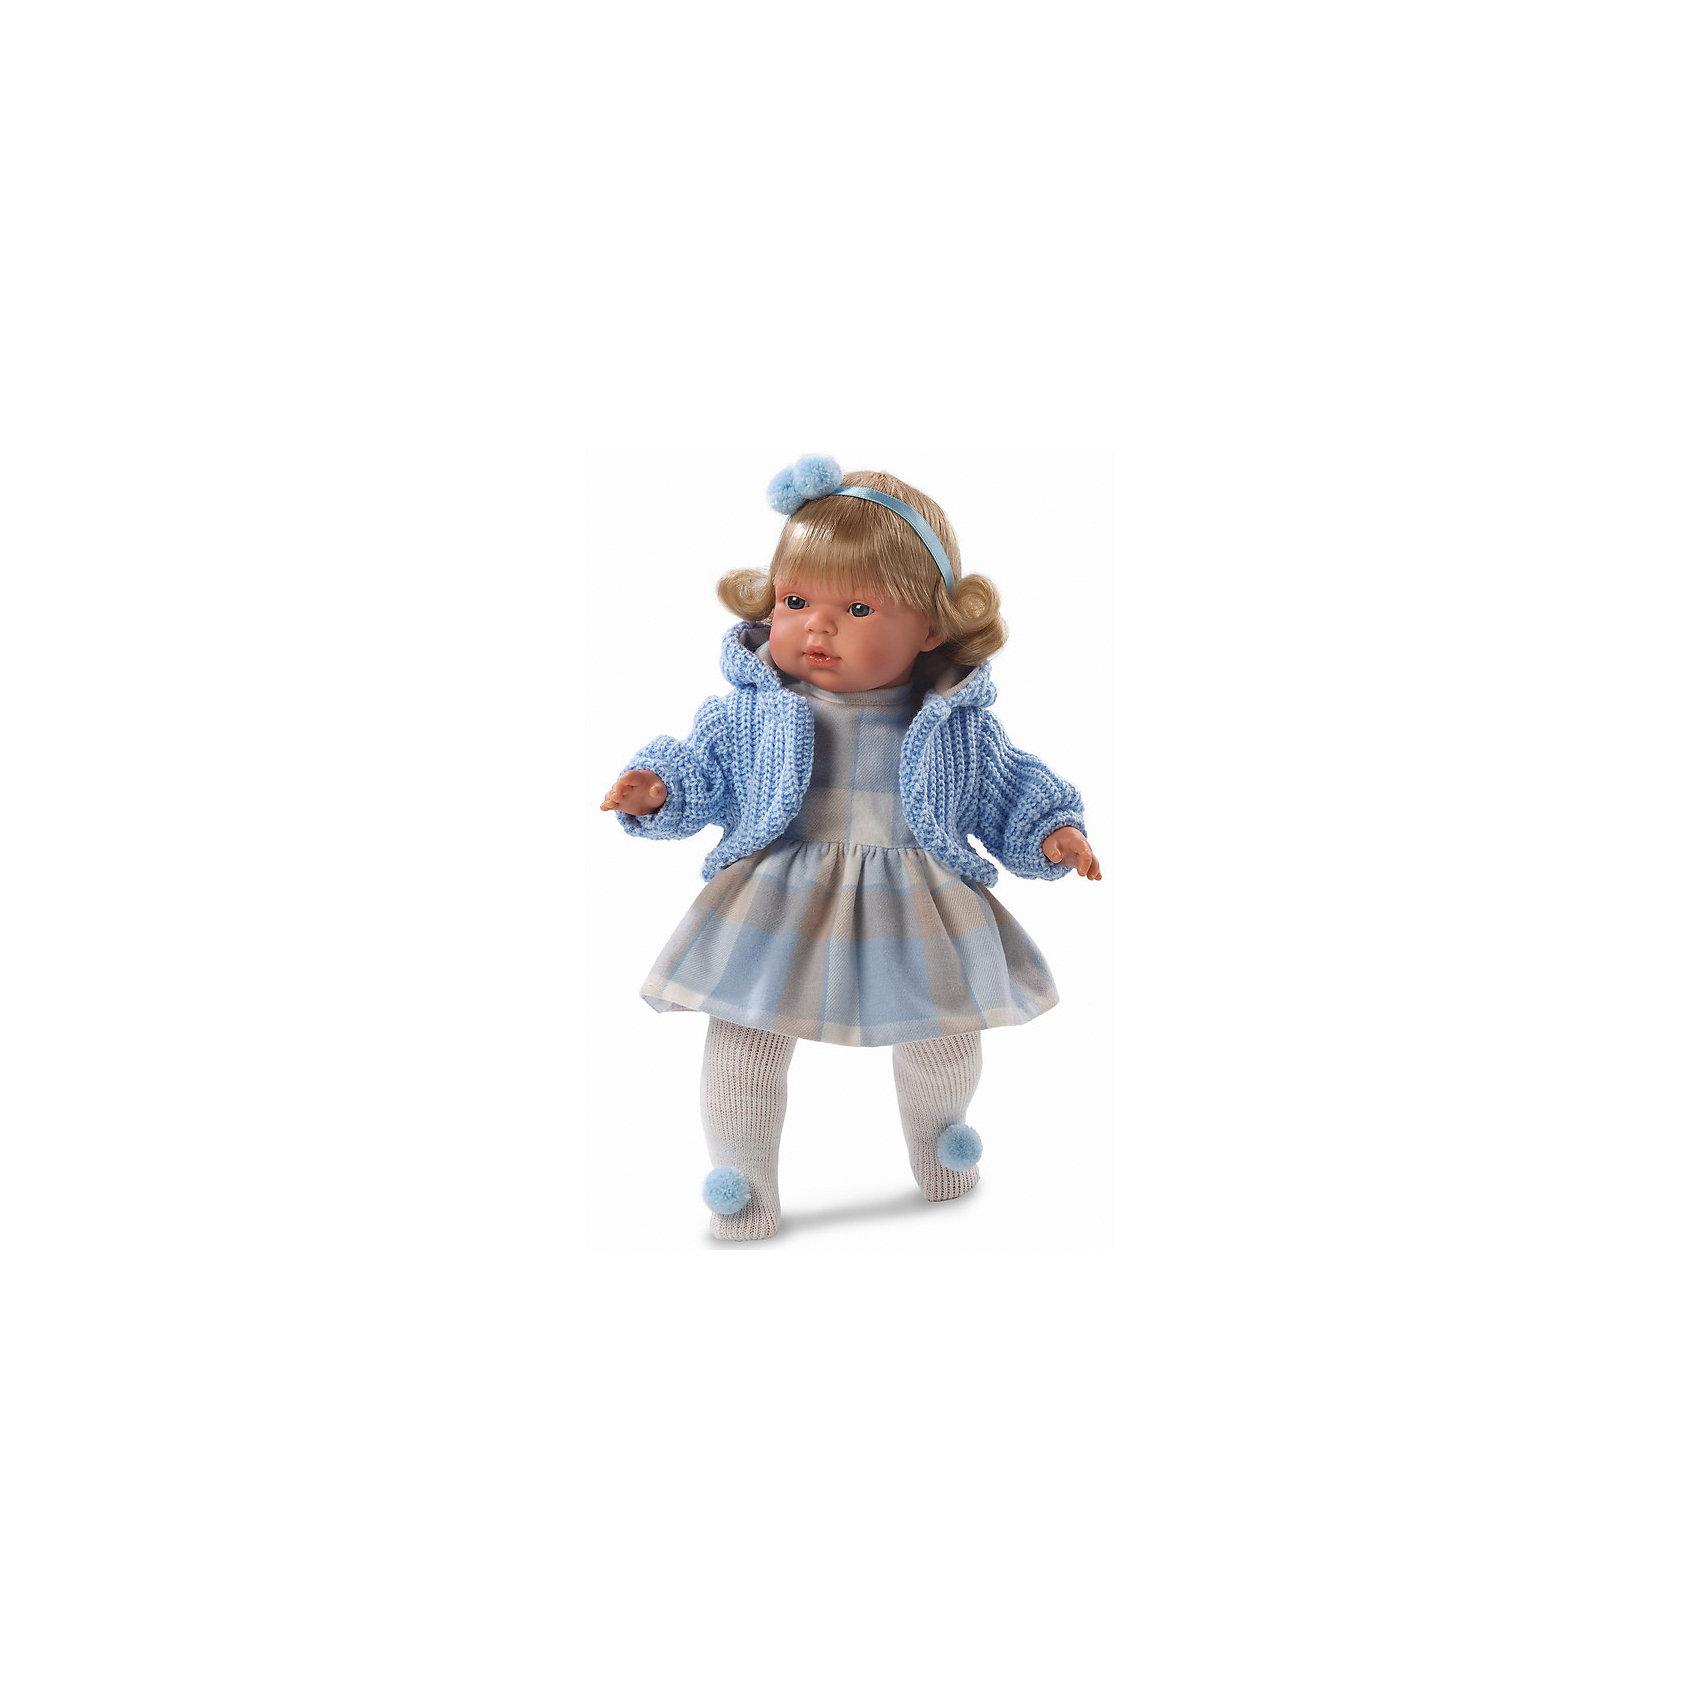 Кукла Шарлота, 38 см, LlorensХарактеристики:<br><br>• Предназначение: для сюжетно-ролевых игр<br>• Тип куклы: мягконабивная<br>• Пол куклы: девочка <br>• Цвет волос: светло-русый<br>• Материал: поливинилхлорид, пластик, нейлон, текстиль<br>• Цвет: голубой, серый, белый, бежевый<br>• Высота куклы: 38 см<br>• Комплектация: кукла, платье, кофточка, колготочки, пустышка с держателем<br>• Звуковые эффекты: плачет, произносит мама и папа<br>• Батарейки: з шт. типа AG13/LR44 (предусмотрены в комплекте)<br>• Вес: 1 кг 050 г<br>• Размеры упаковки (Д*В*Ш): 23*45*12 см<br>• Упаковка: подарочная картонная коробка <br>• Особенности ухода: допускается деликатная стирка без использования красящих и отбеливающих средств предметов одежды куклы<br><br>Кукла Шарлота 38 см – кукла, производителем которого является всемирно известный испанский кукольный бренд Llorens. Куклы этой торговой марки имеют свою неповторимую внешность и целую линейку образов как пупсов, так и кукол-малышей. Игрушки выполнены из сочетания поливинилхлорида и пластика, что позволяет с высокой долей достоверности воссоздать физиологические и мимические особенности маленьких детей. При изготовлении кукол Llorens используются только сертифицированные материалы, безопасные и не вызывающие аллергических реакций. Волосы у кукол отличаются густотой, шелковистостью и блеском, при расчесывании они не выпадают и не ломаются.<br>Кукла Шарлота 38 см выполнена в образе малышки: голубые глаза и слегка завитые волосы средней длины, поддерживаемые атласной лентой с помпоном, делают образ куклы необычайно очаровательным. В комплект одежды Клавдии входит теплое клетчатое платьице, вязаная голубая кофточка с капюшоном, колготочки с помпончиками.Кукла умеет плакать, а также говорить мама и папа. Чтобы малышка не плакала, у нее имеется соска с цепочкой-держателем. <br>Кукла Шарлота 38 см – это идеальный вариант для подарка к различным праздникам и торжествам.<br><br>Куклу Шарлоту 38 см можно купить в нашем интернет-магазине.<br><br>Ши